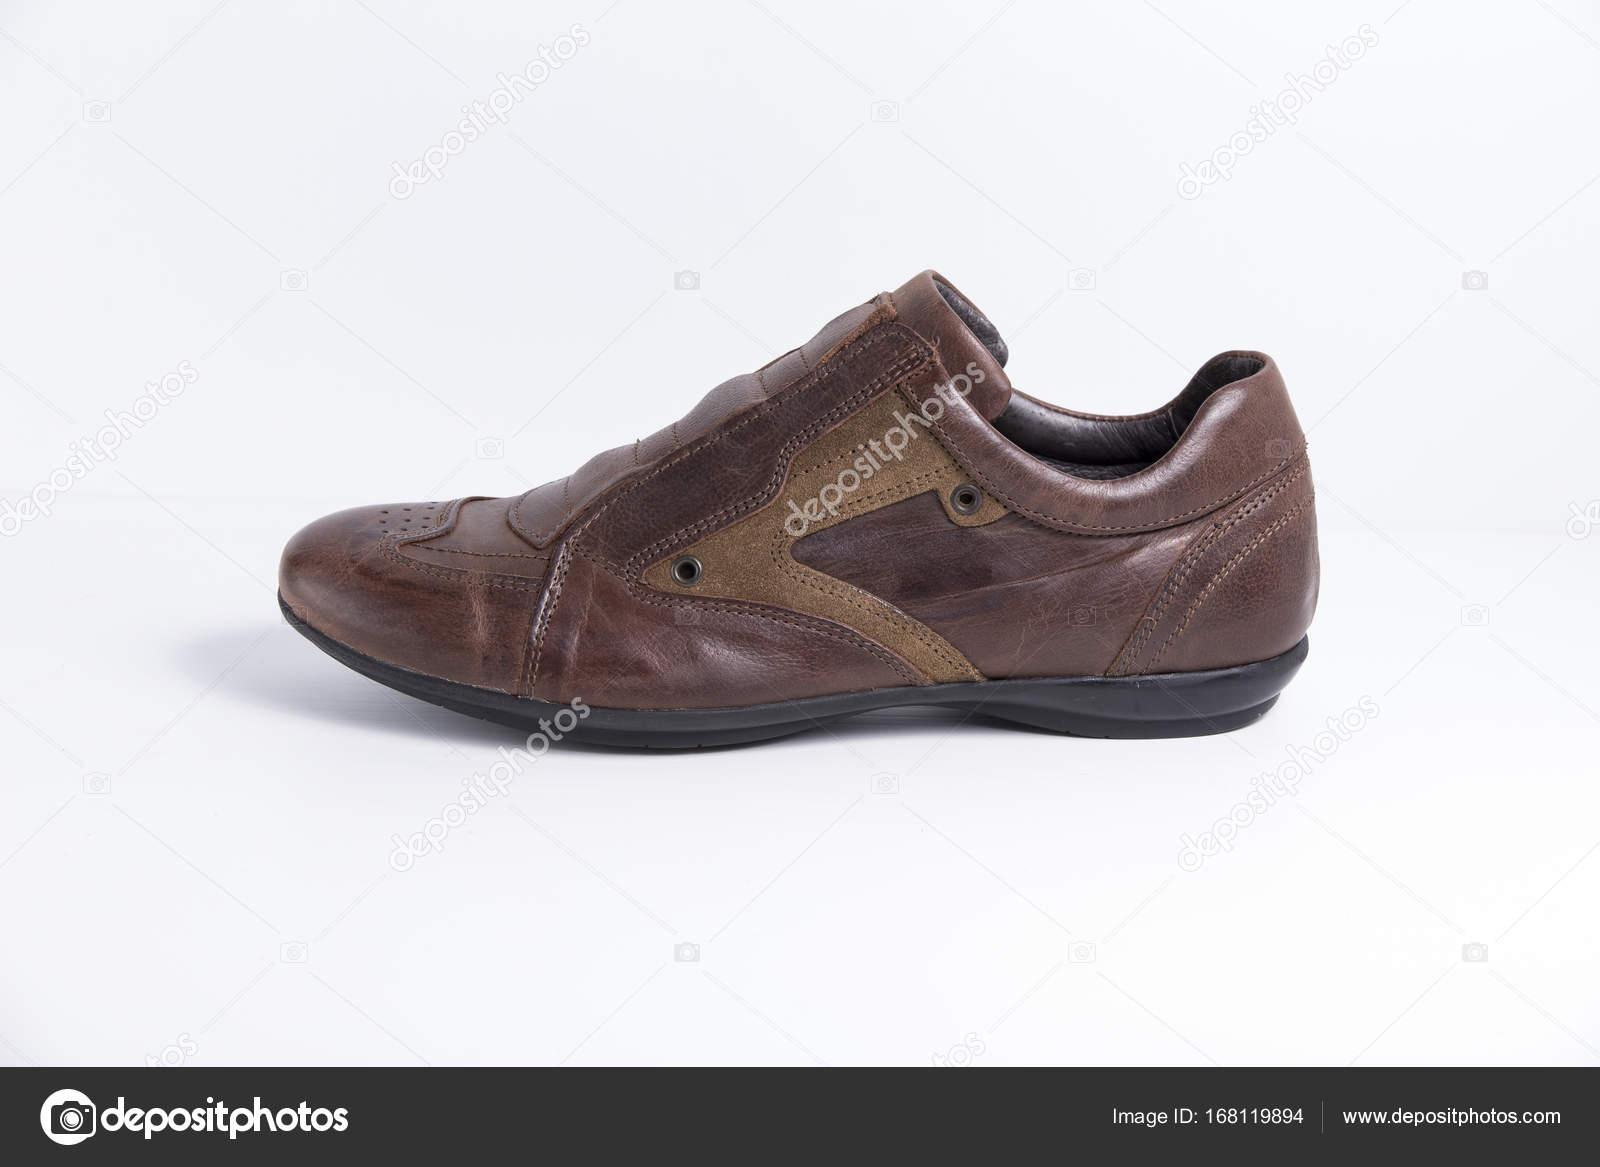 7f28c78aaa Zapatos hombre cuero marrón sobre fondo blanco — Foto de stock ...